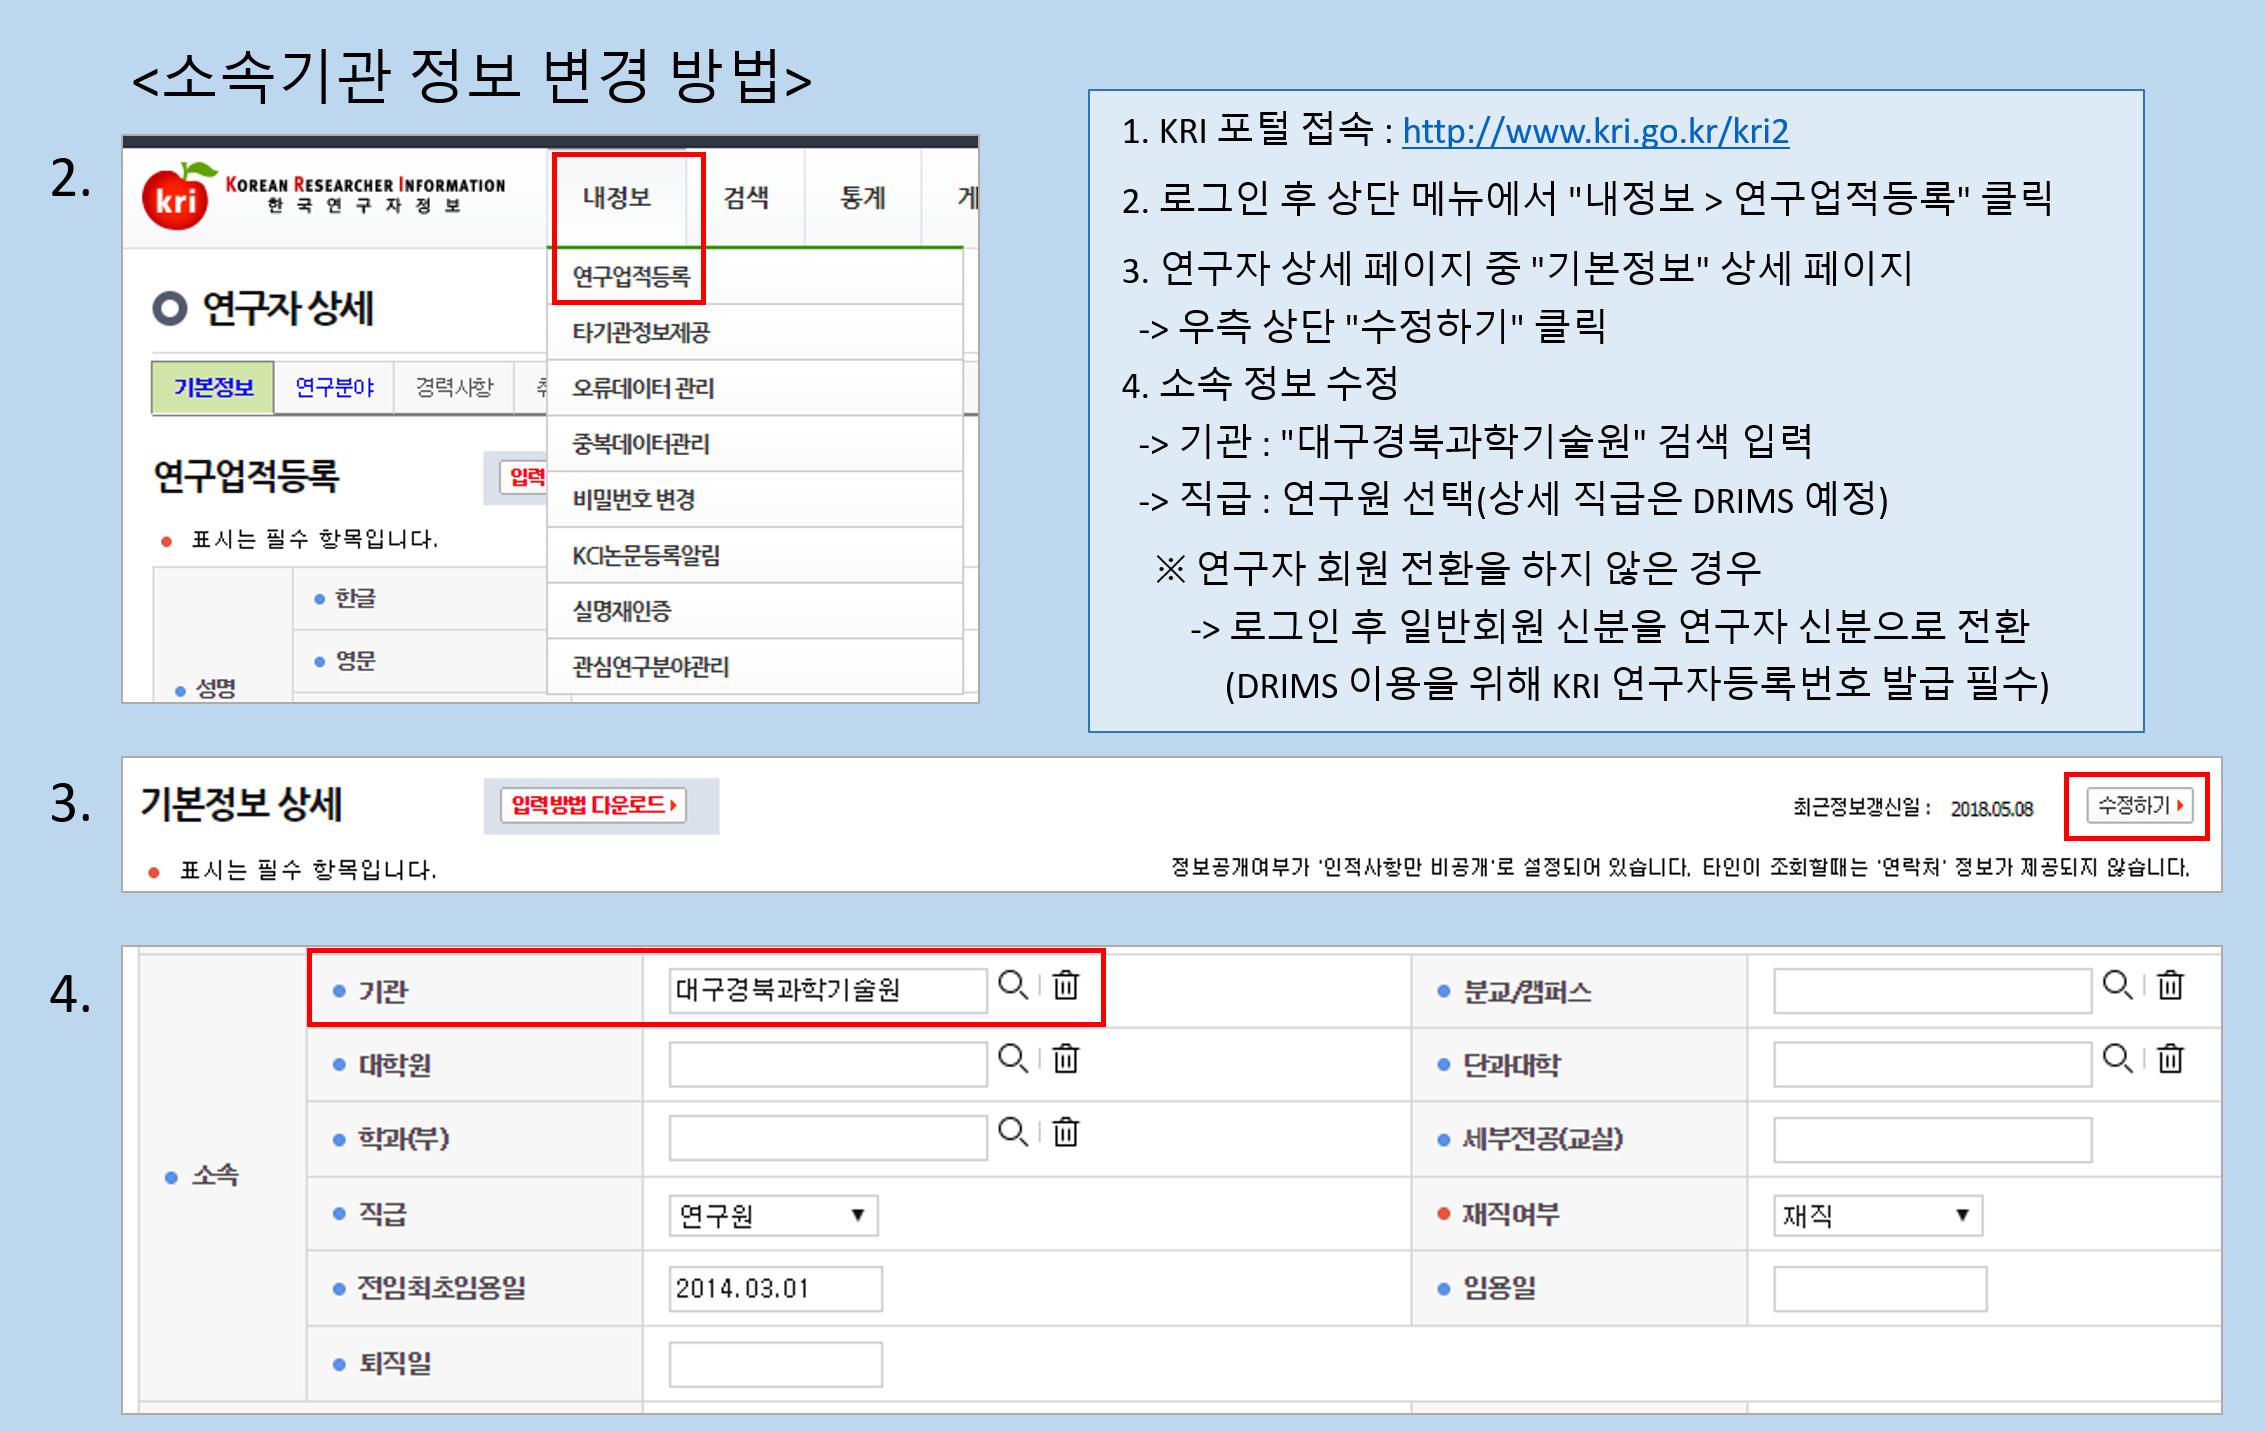 KRI 소속기관 정보 변경 방법